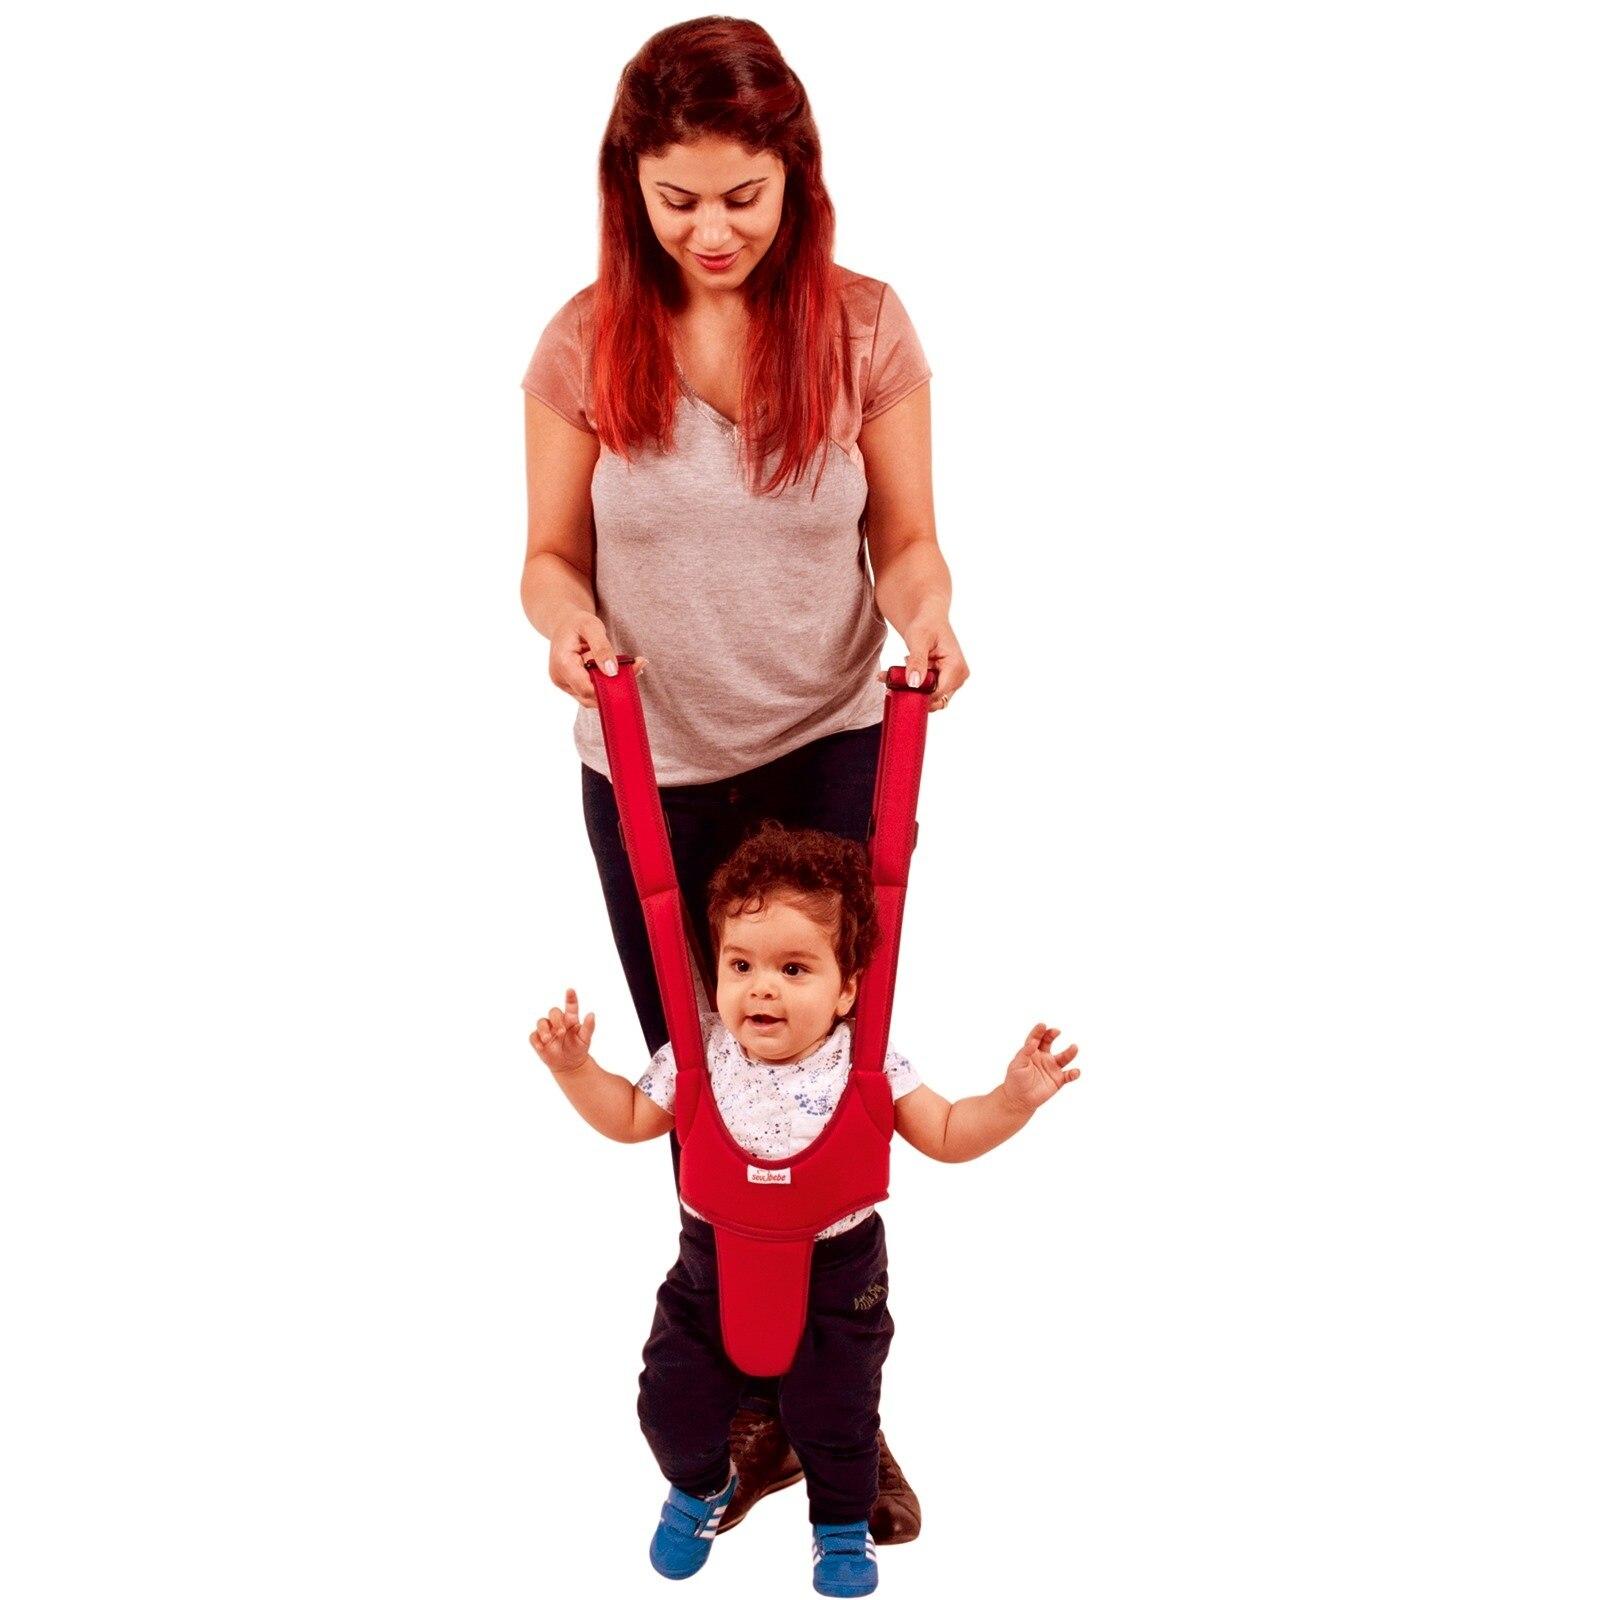 Ebebek Sevi Bebe Baby Walking Assistant/Support